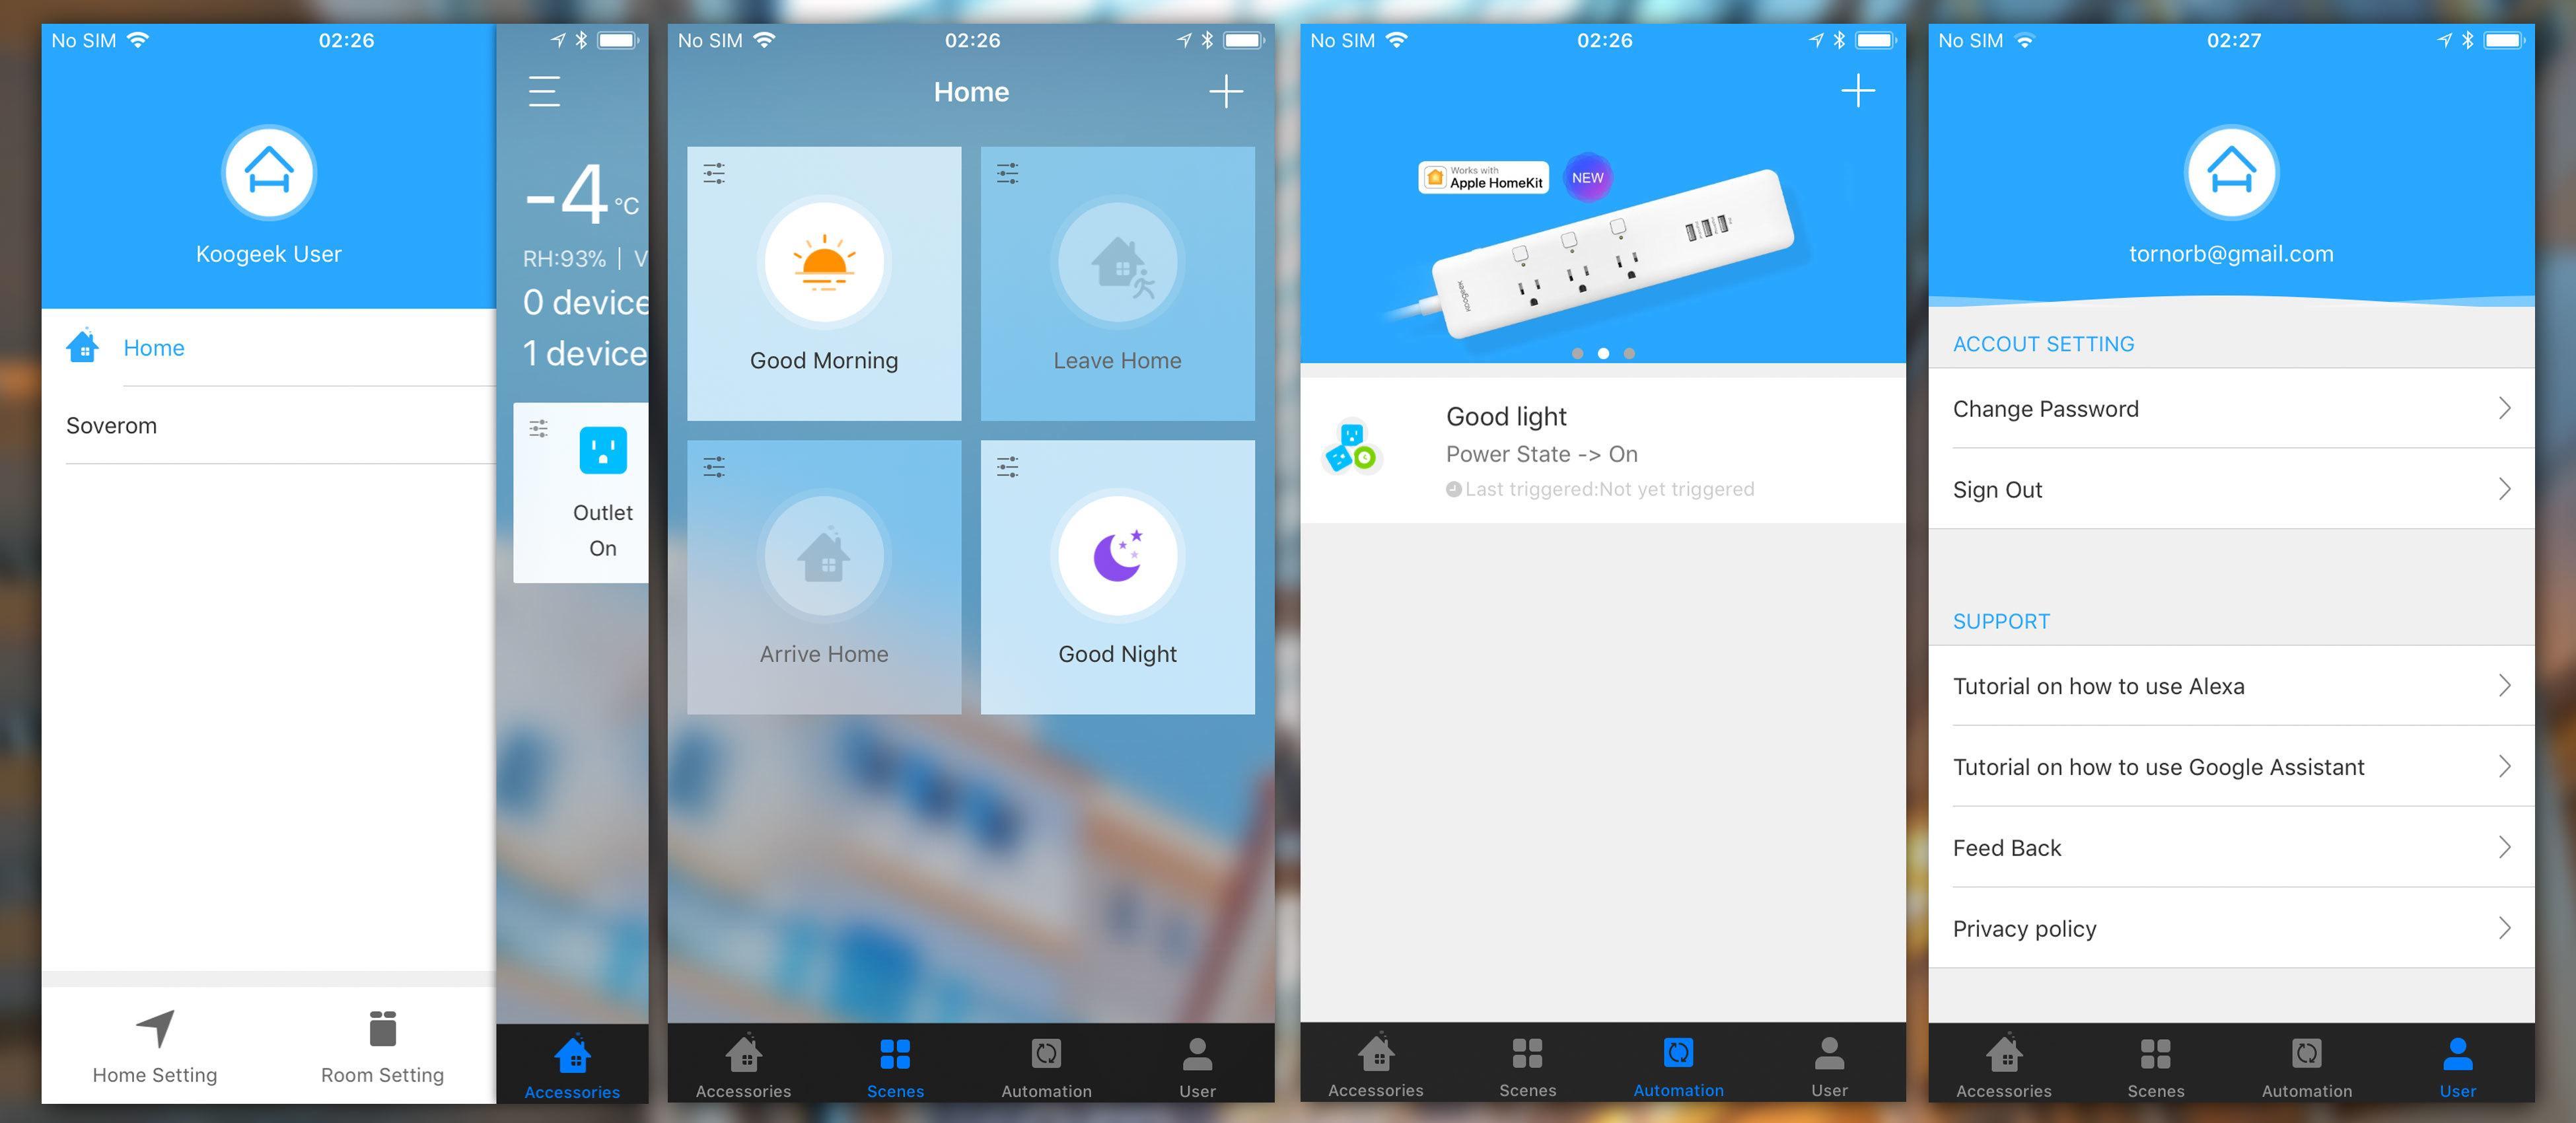 Koogeek-appen er super, men foreløpig kun til iOS.